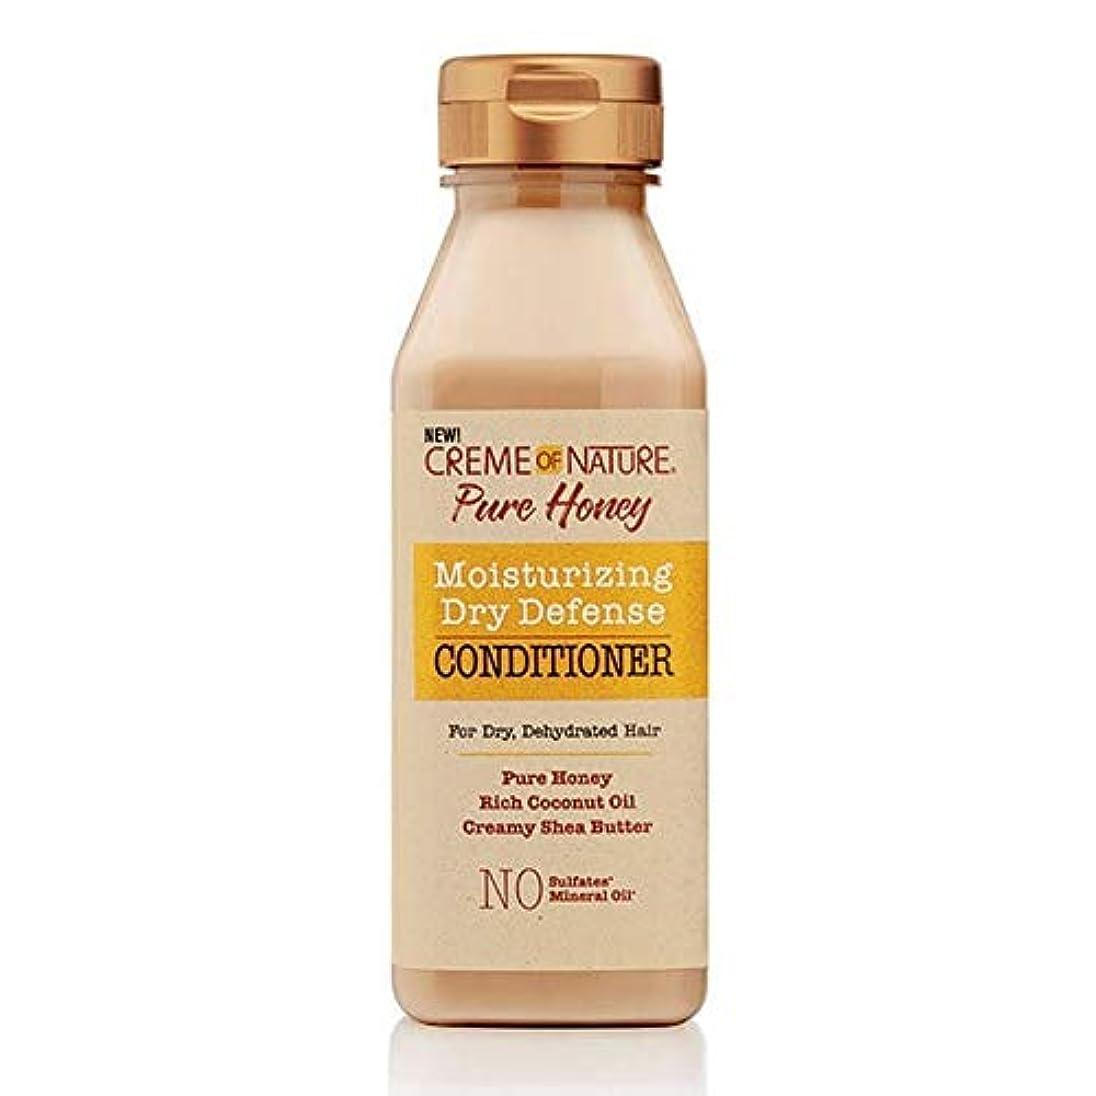 最初に現在後悔[Creme of Nature ] 自然の純粋蜂蜜ドライ防衛コンディショナー355ミリリットルのクリーム - Creme of Nature Pure Honey Dry Defence Conditioner 355ml...